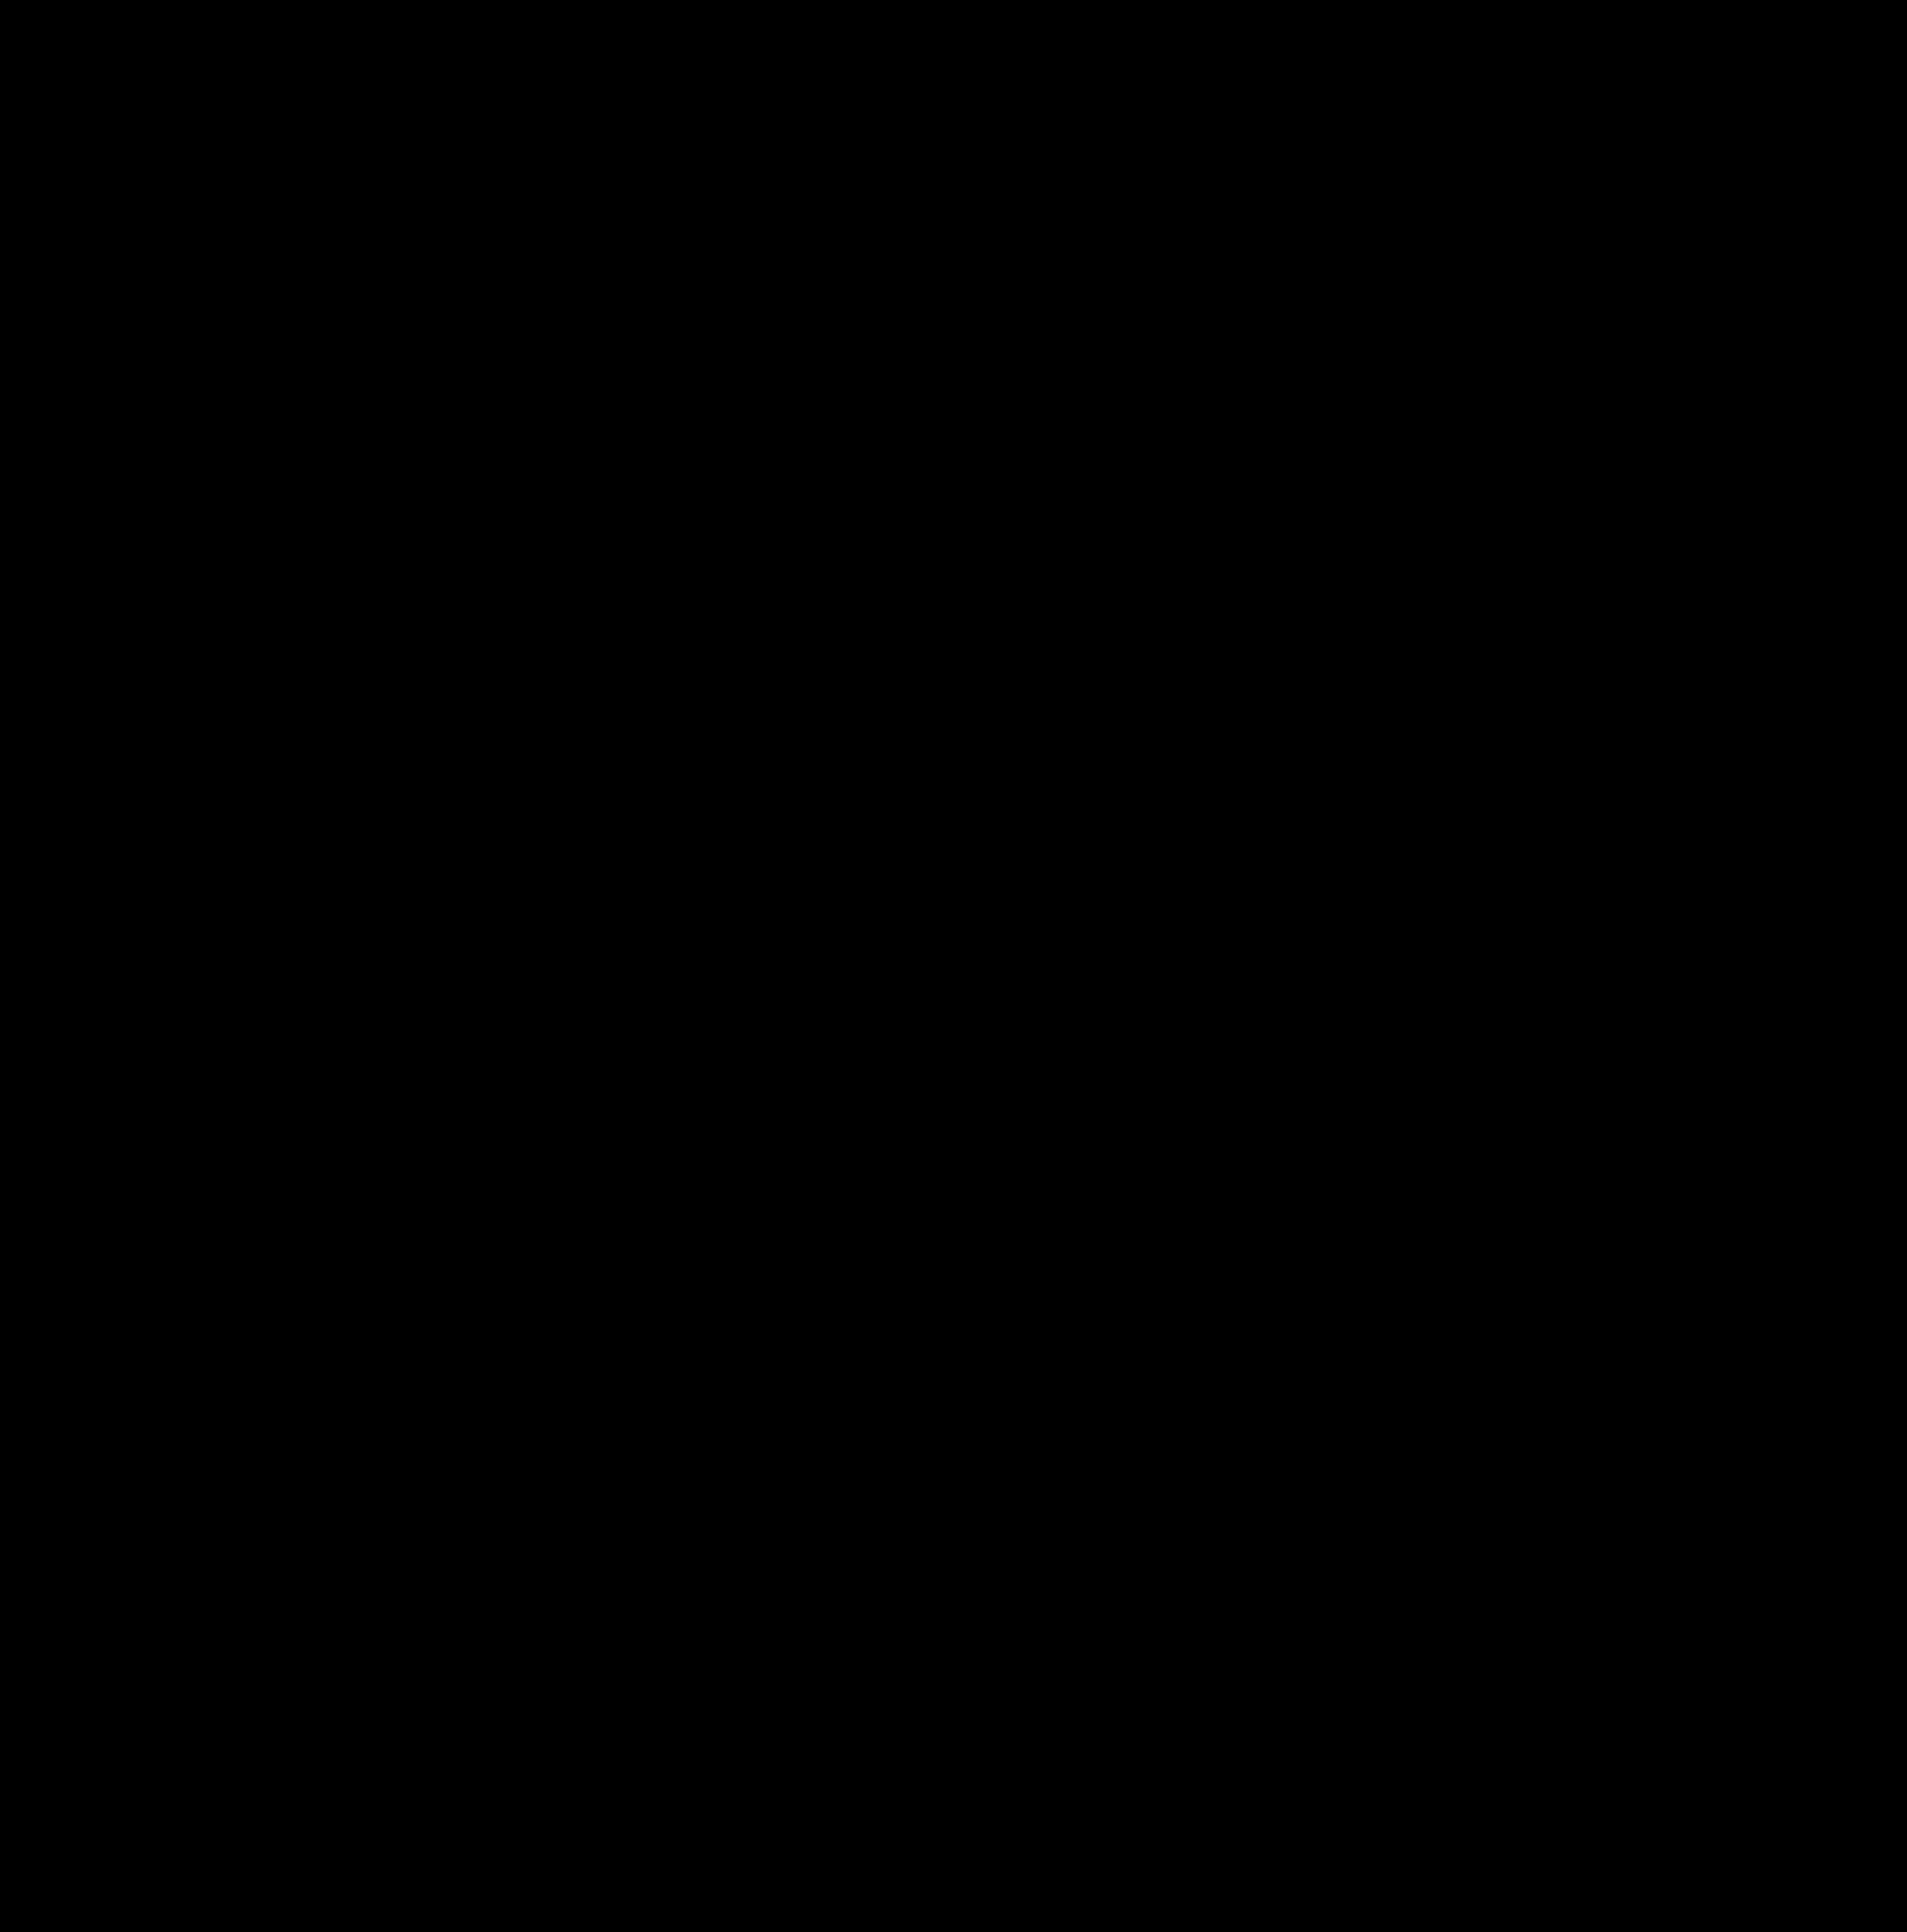 Bulova GRAMMY Special Edition Timepiece